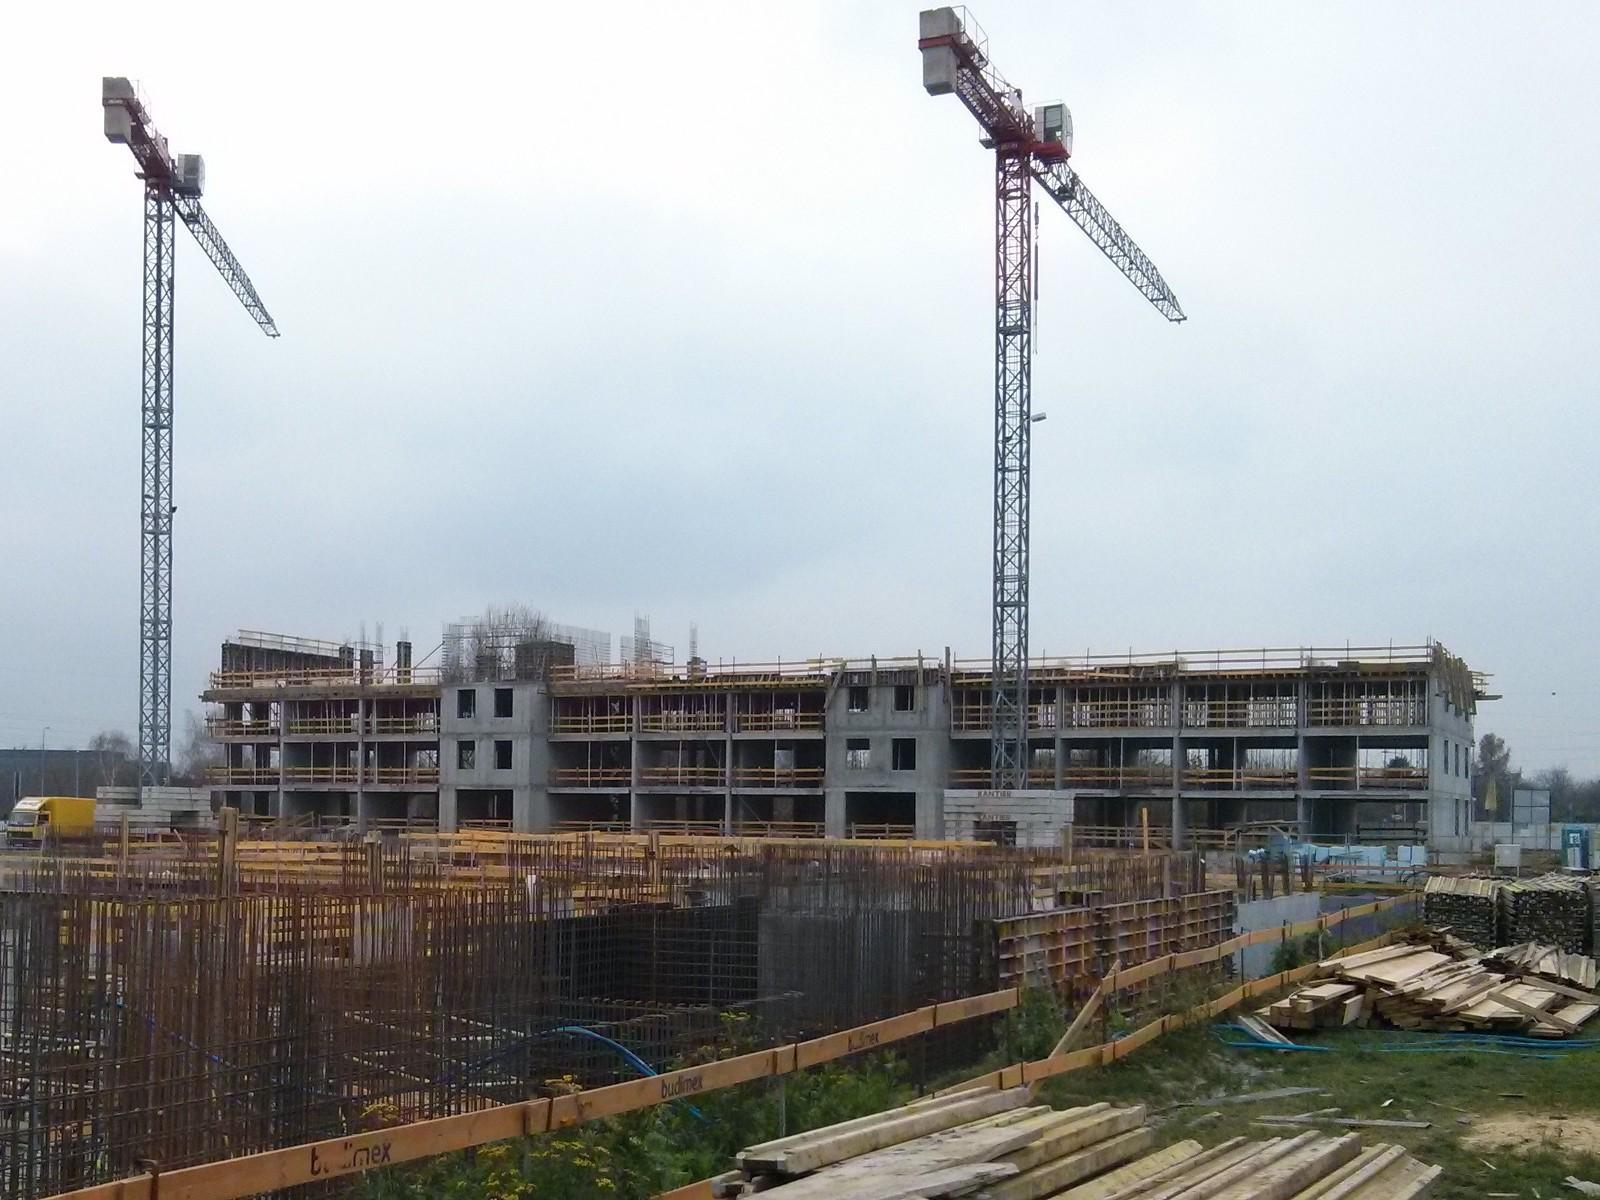 Orlińskiego 4 - budowa kolejnych pięter od strony osiedla Avia